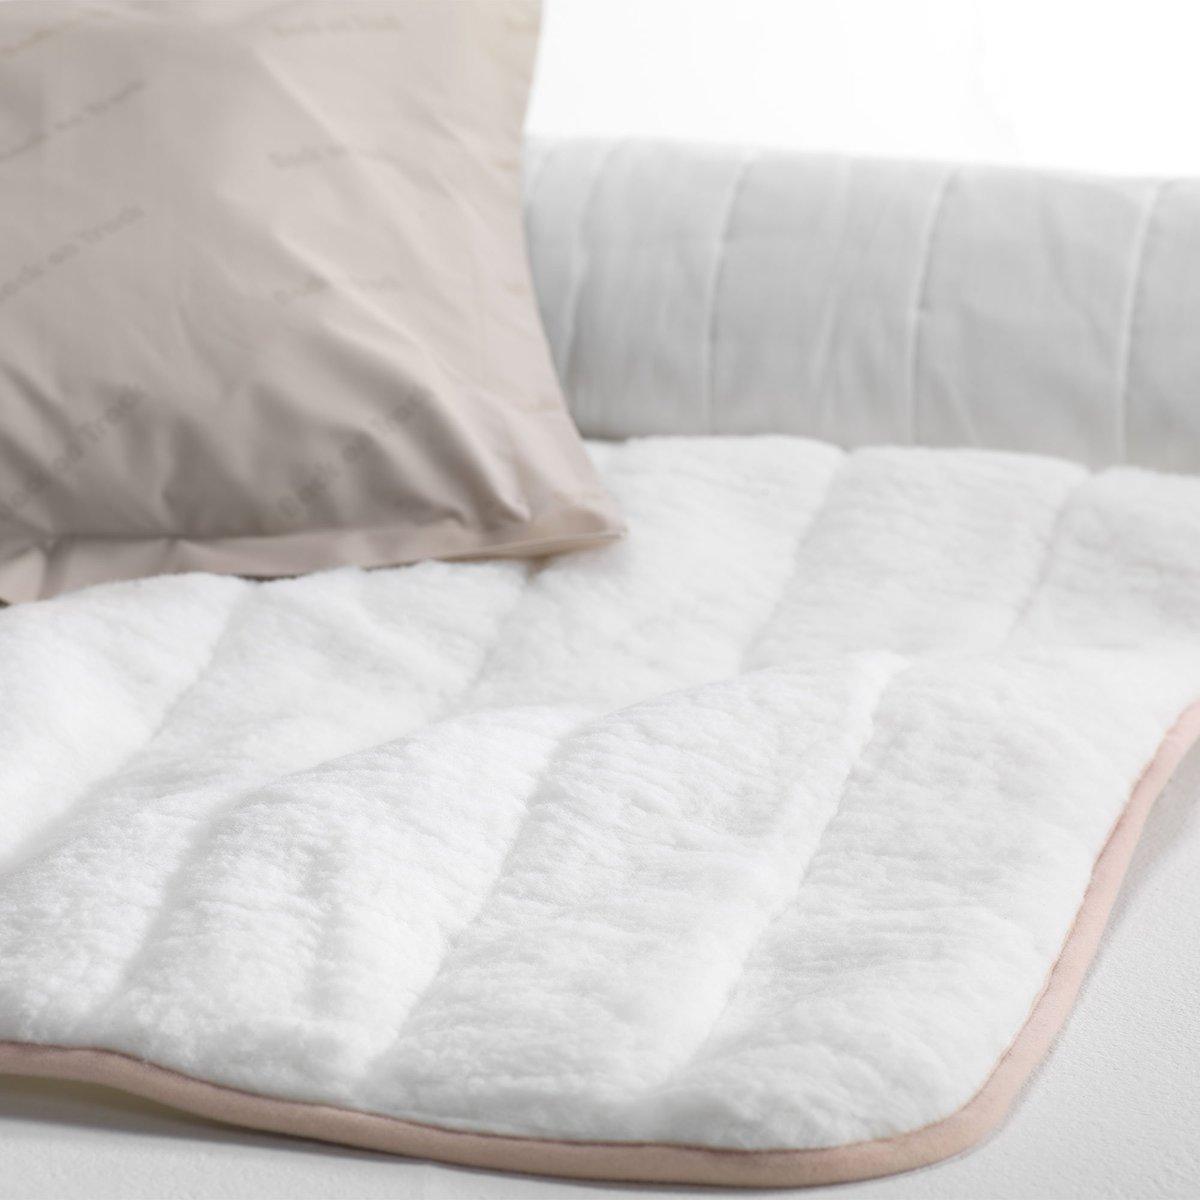 1015 mattress overlay web 02 1200x